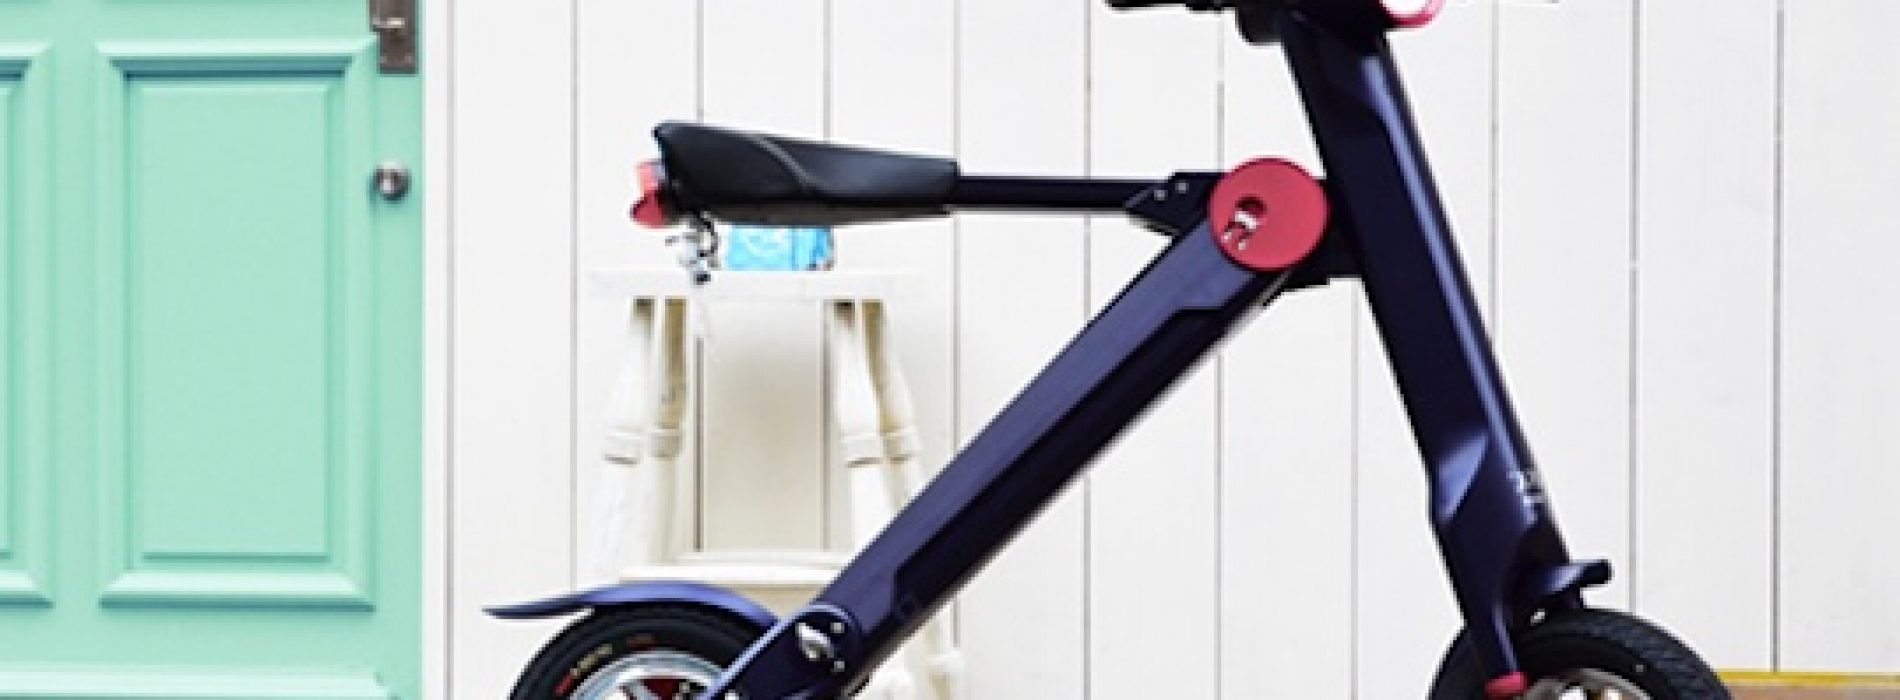 UPQ me01, no existe scooter eléctrico más pequeño